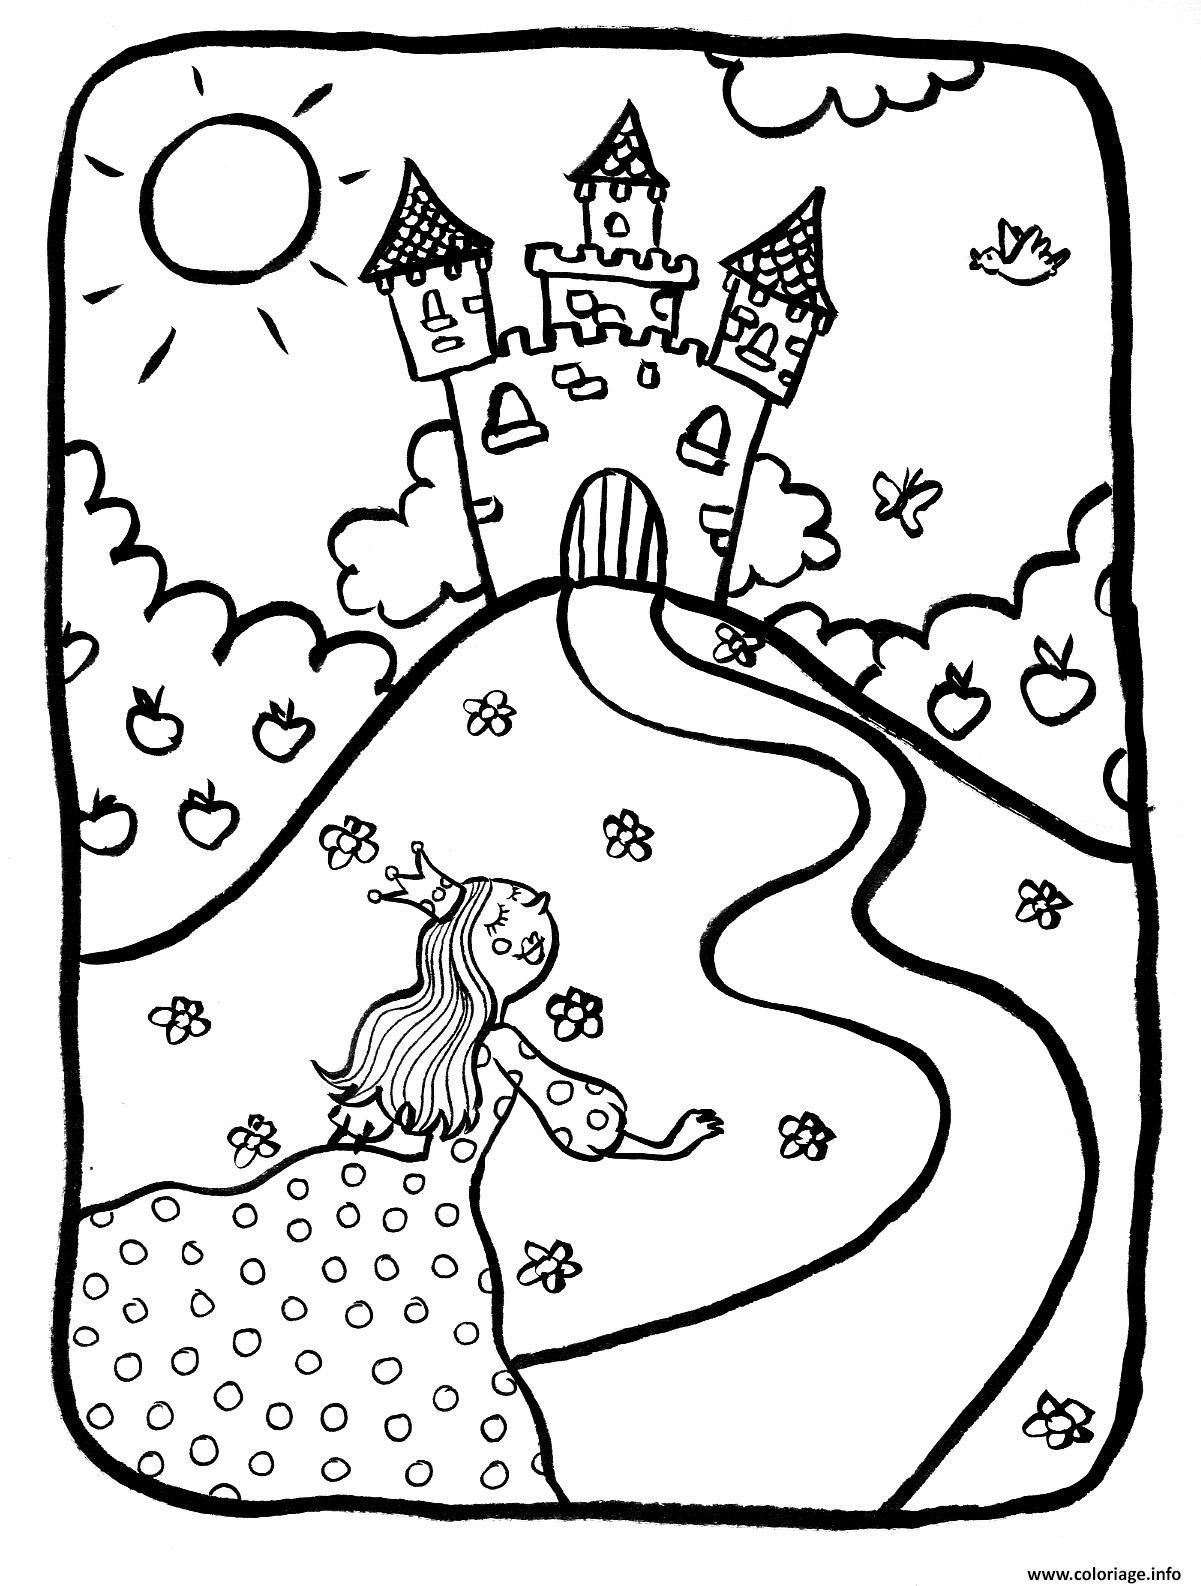 Coloriage Dessin Chateaux Avec Princesse Dessin encequiconcerne Chateau Princesse Dessin